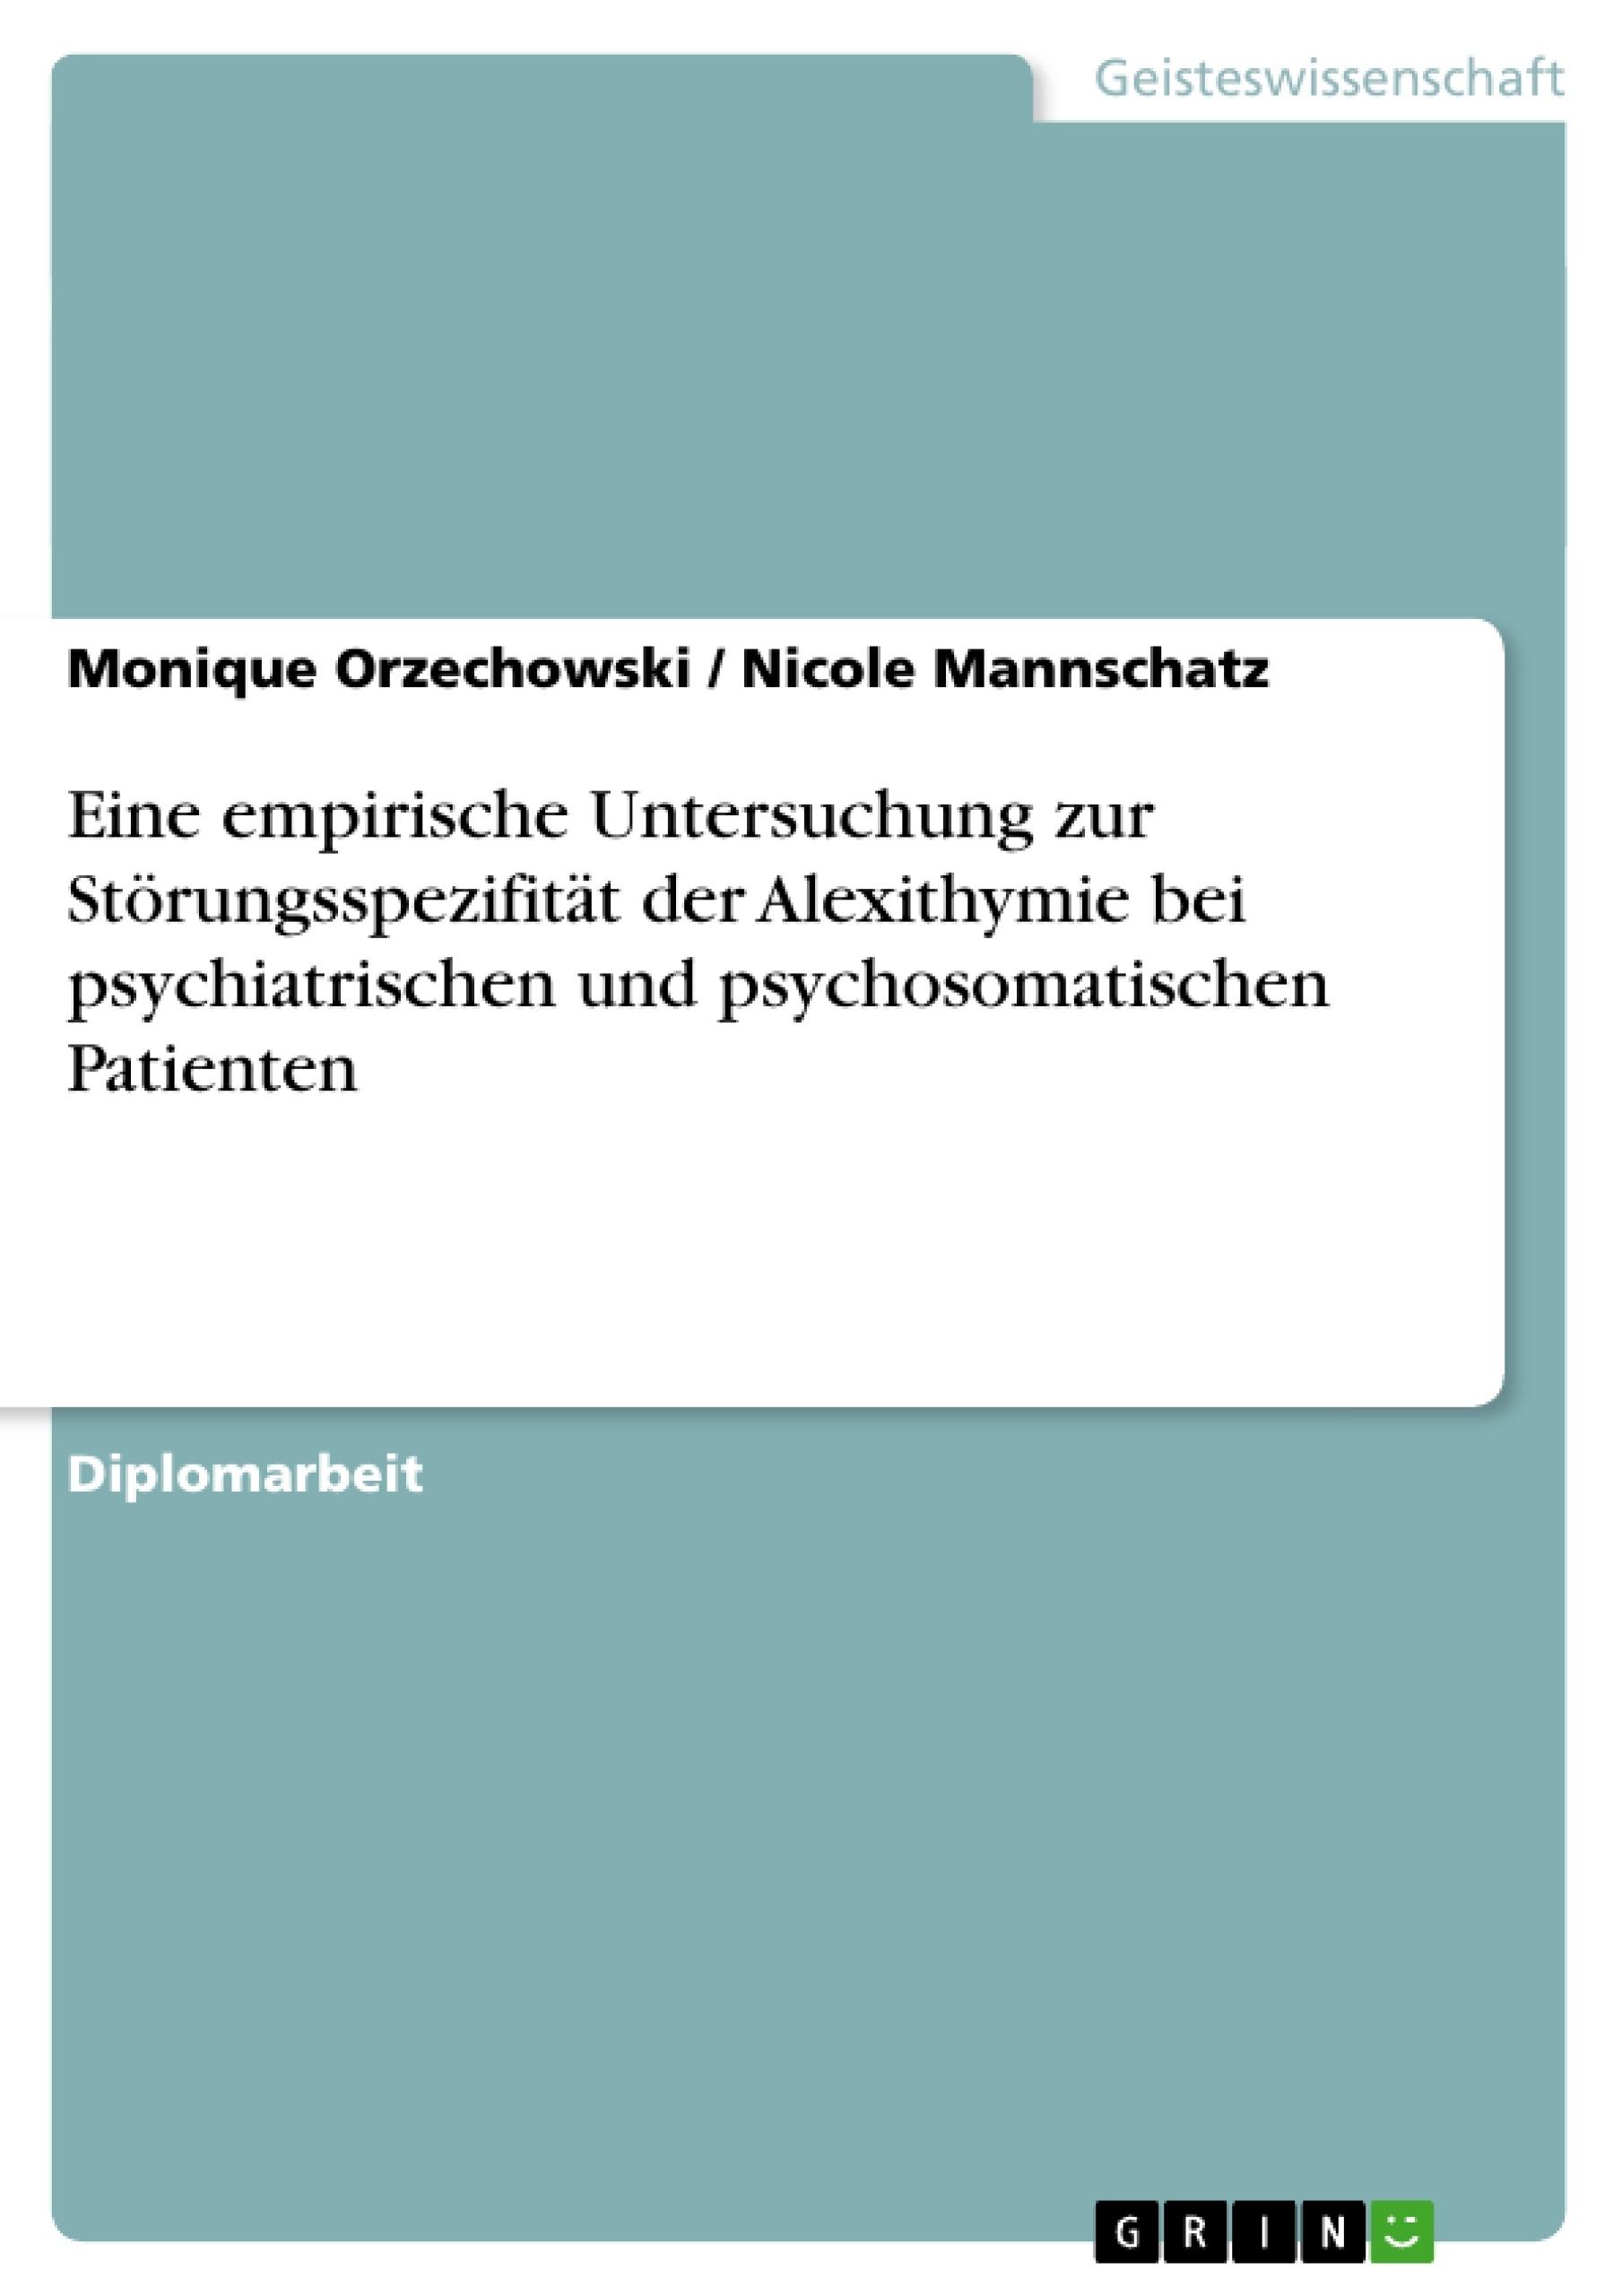 Titel: Eine empirische Untersuchung zur Störungsspezifität der Alexithymie bei psychiatrischen und psychosomatischen Patienten